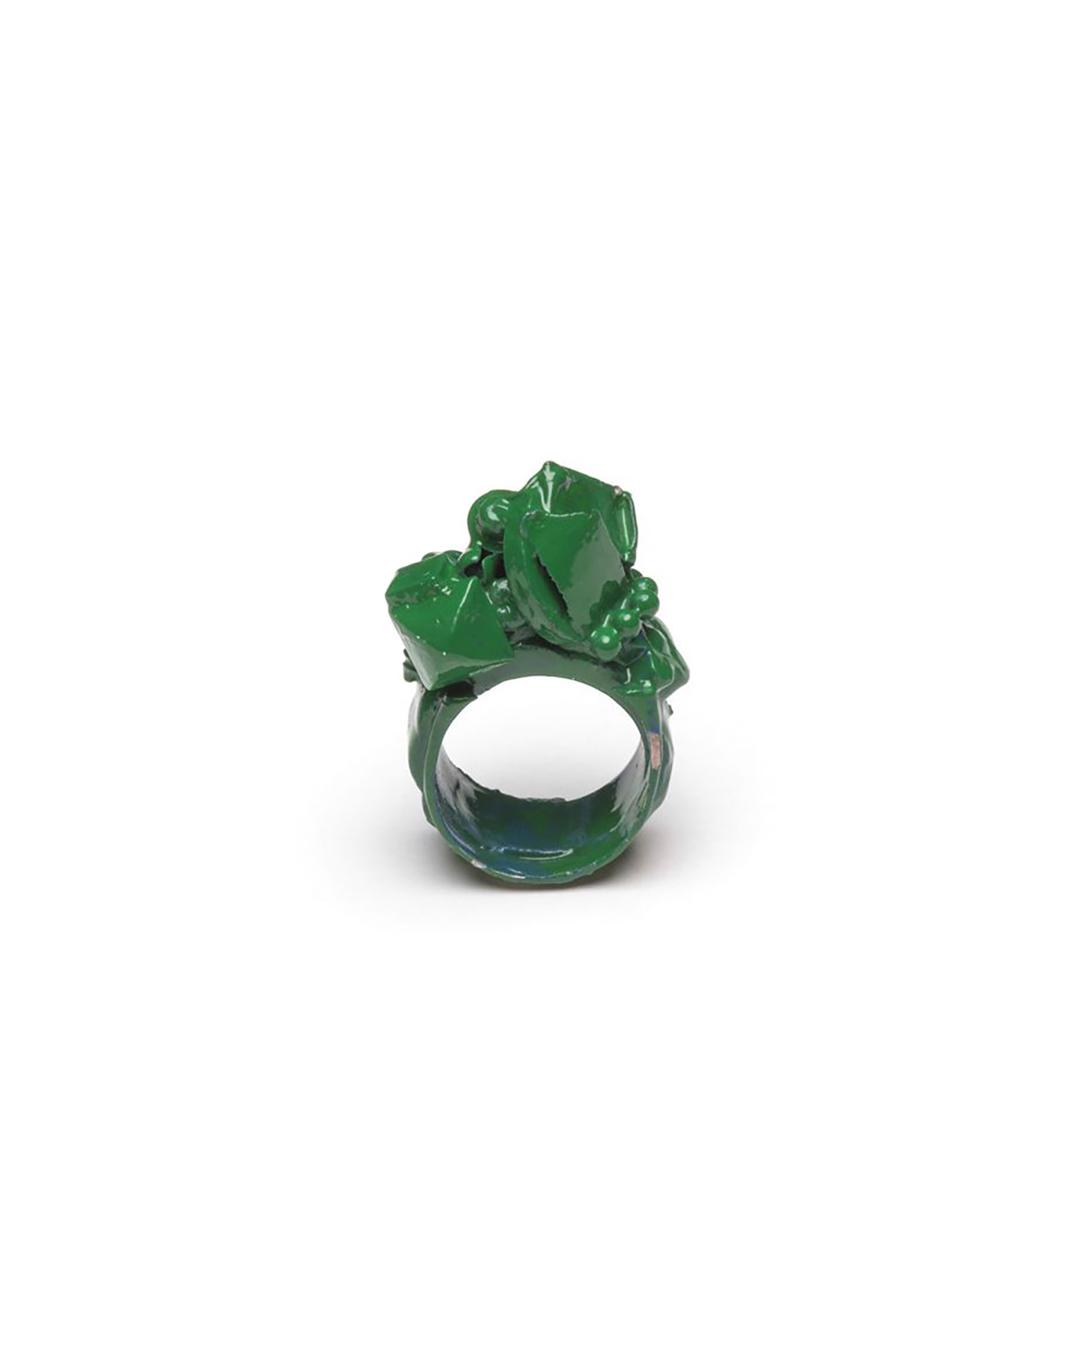 Doron Taubenfeld, zonder titel, 2009, ring; metaal, verf, 35 x 20 x 14 mm, €350